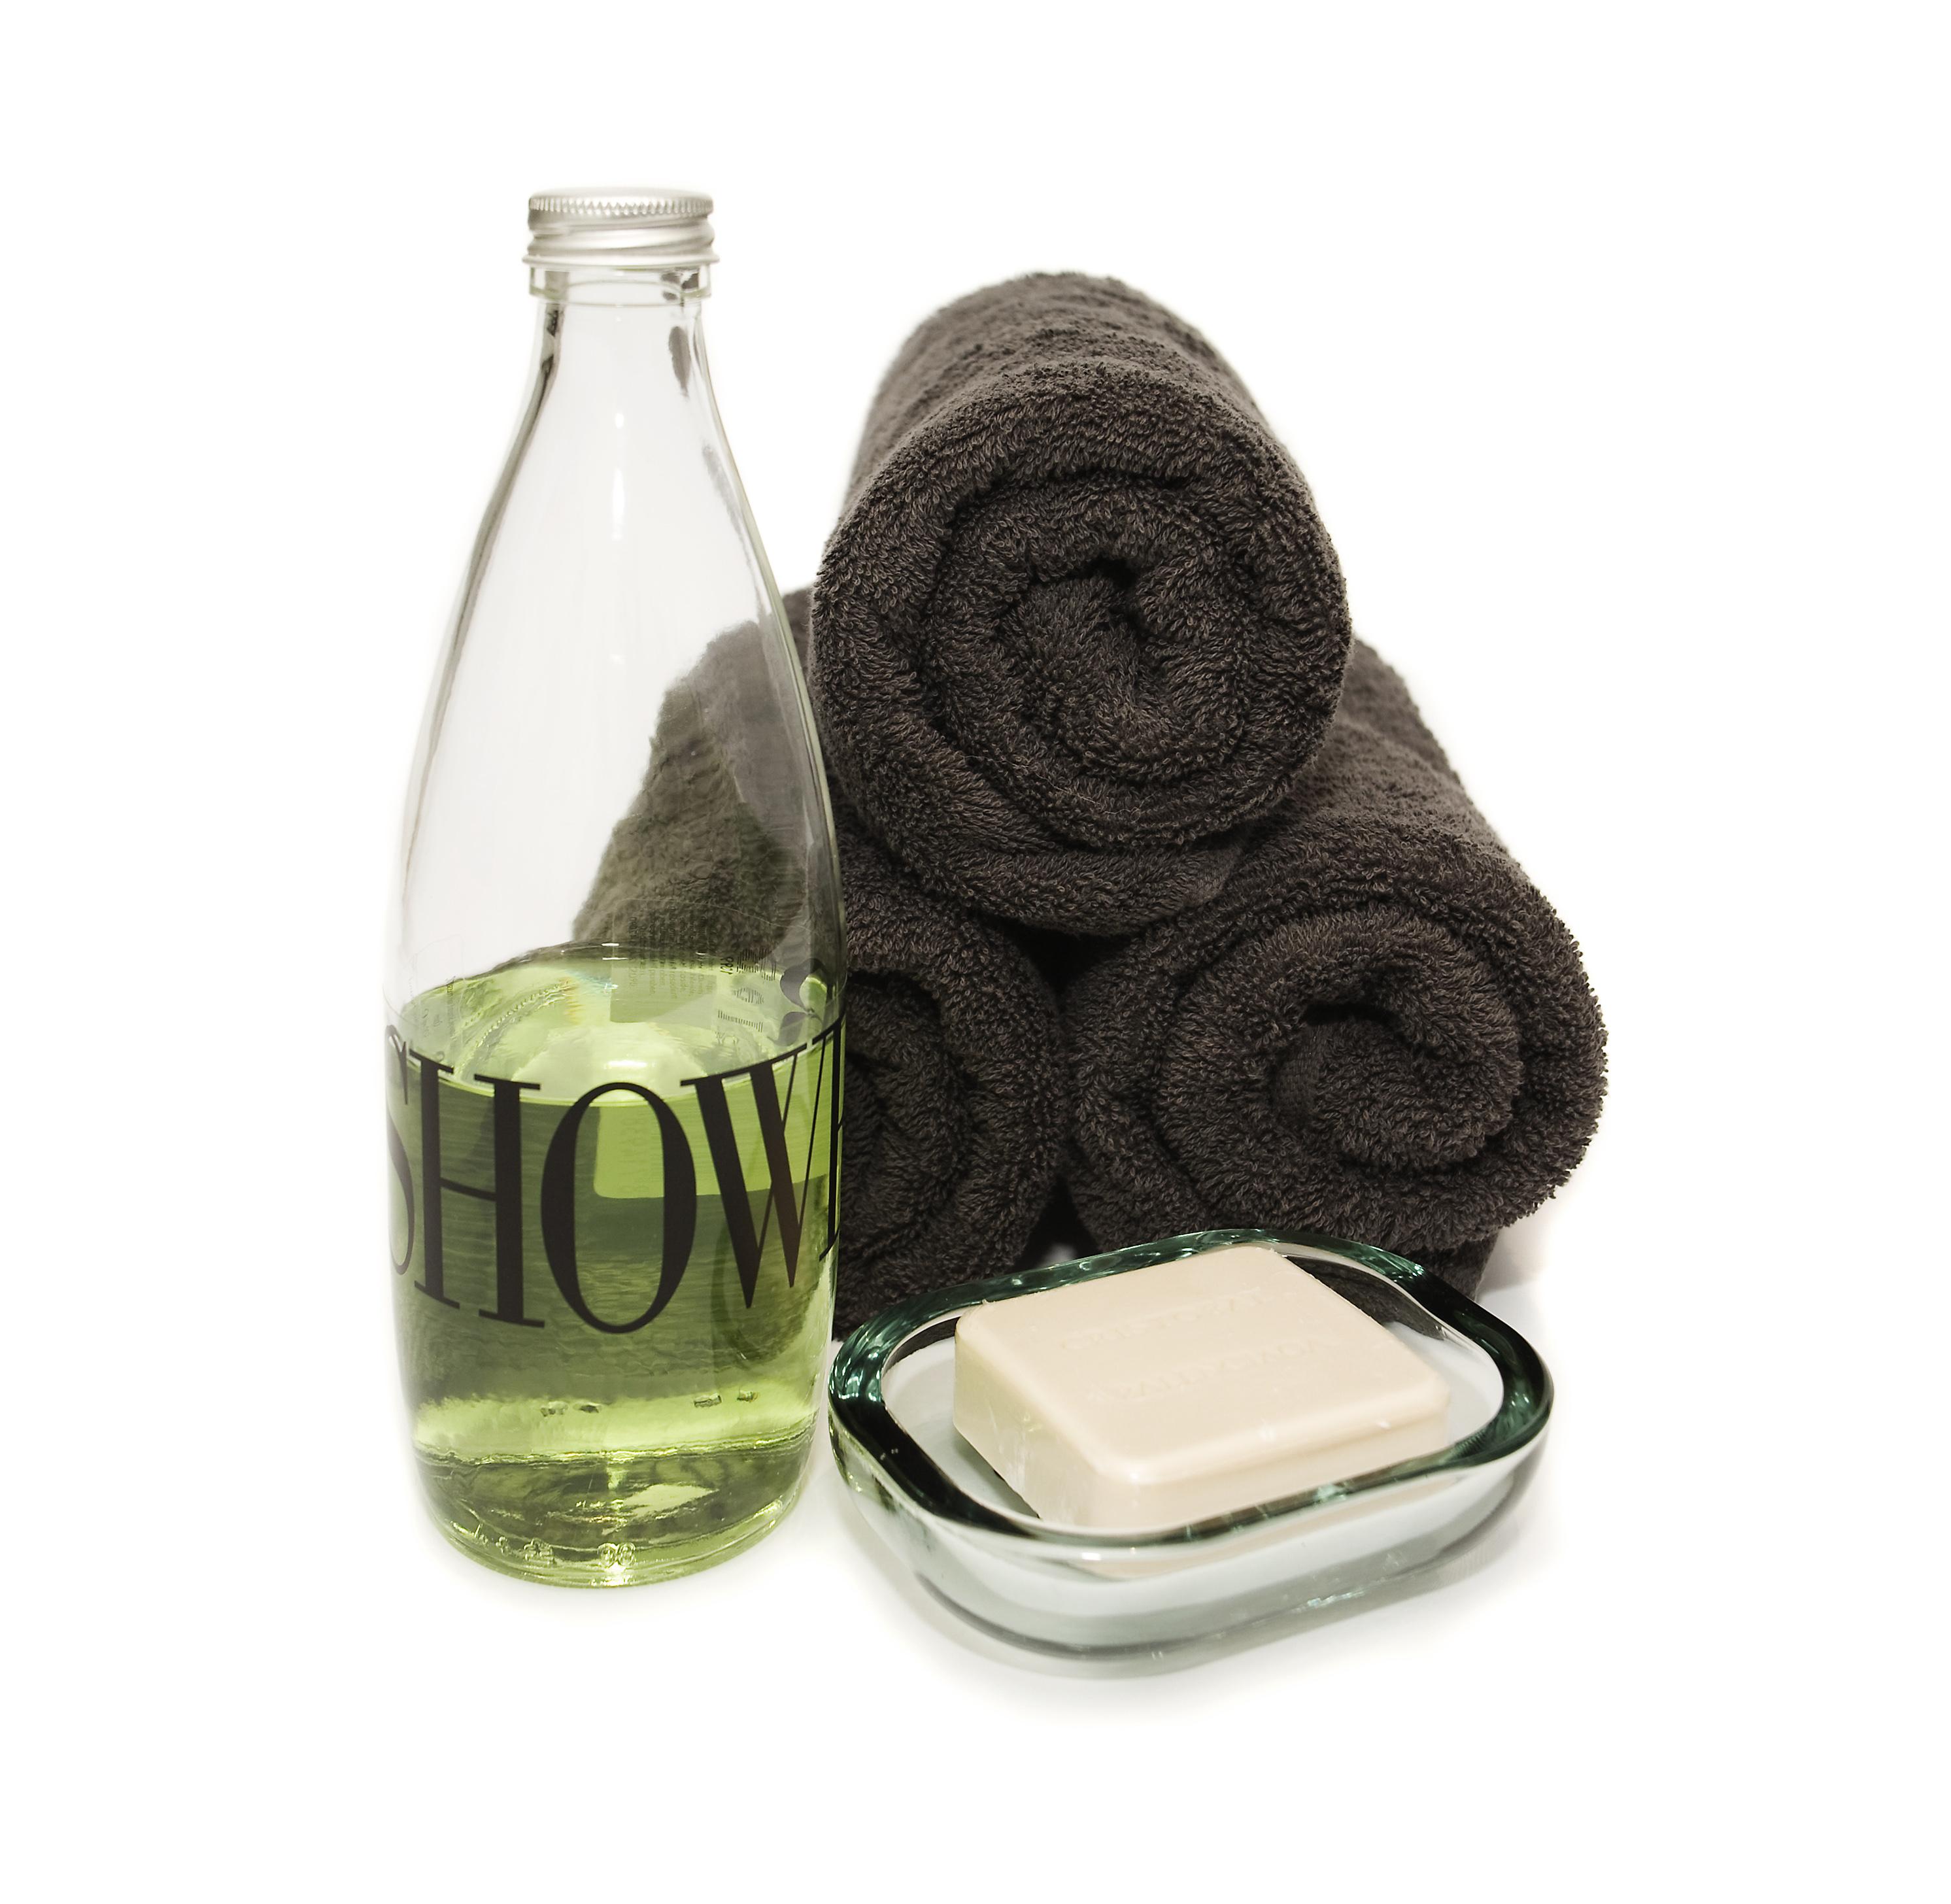 gerollte dunkle Handtücher und eine Seifenschale